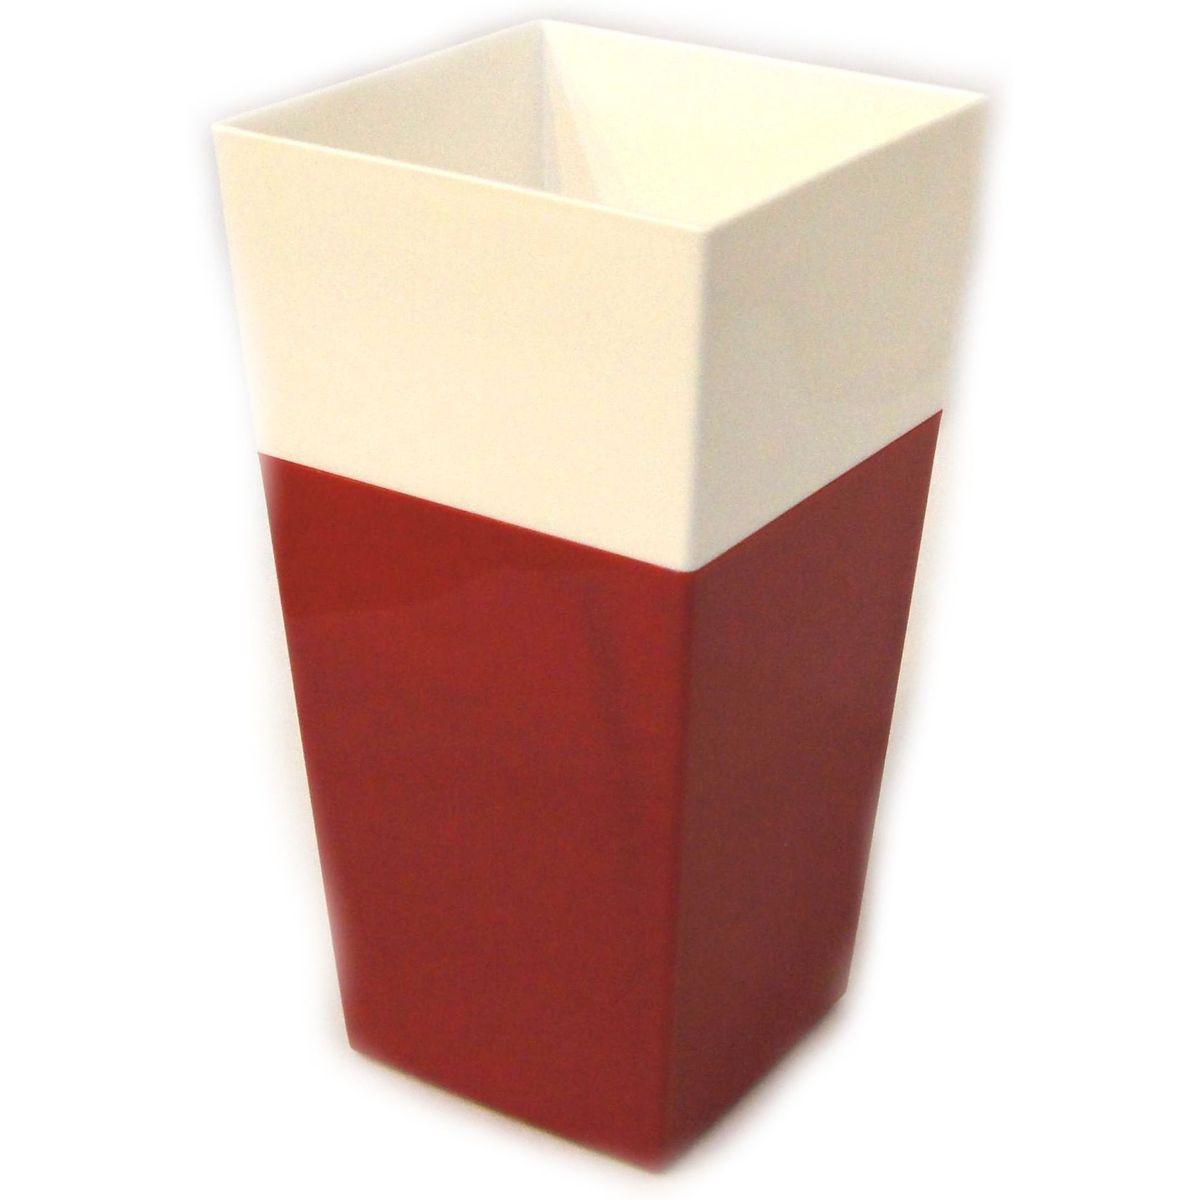 Кашпо JetPlast Дуэт 260, цвет: красный, белый, 13 x 13 x 26 см4612754052073Горшок имеет строгий дизайн и состоит из двух частей: верхней части для цветка и нижней – поддона. Конструкция горшка позволяет, при желании, использовать систему фитильного полива, снабдив горшок веревкой.